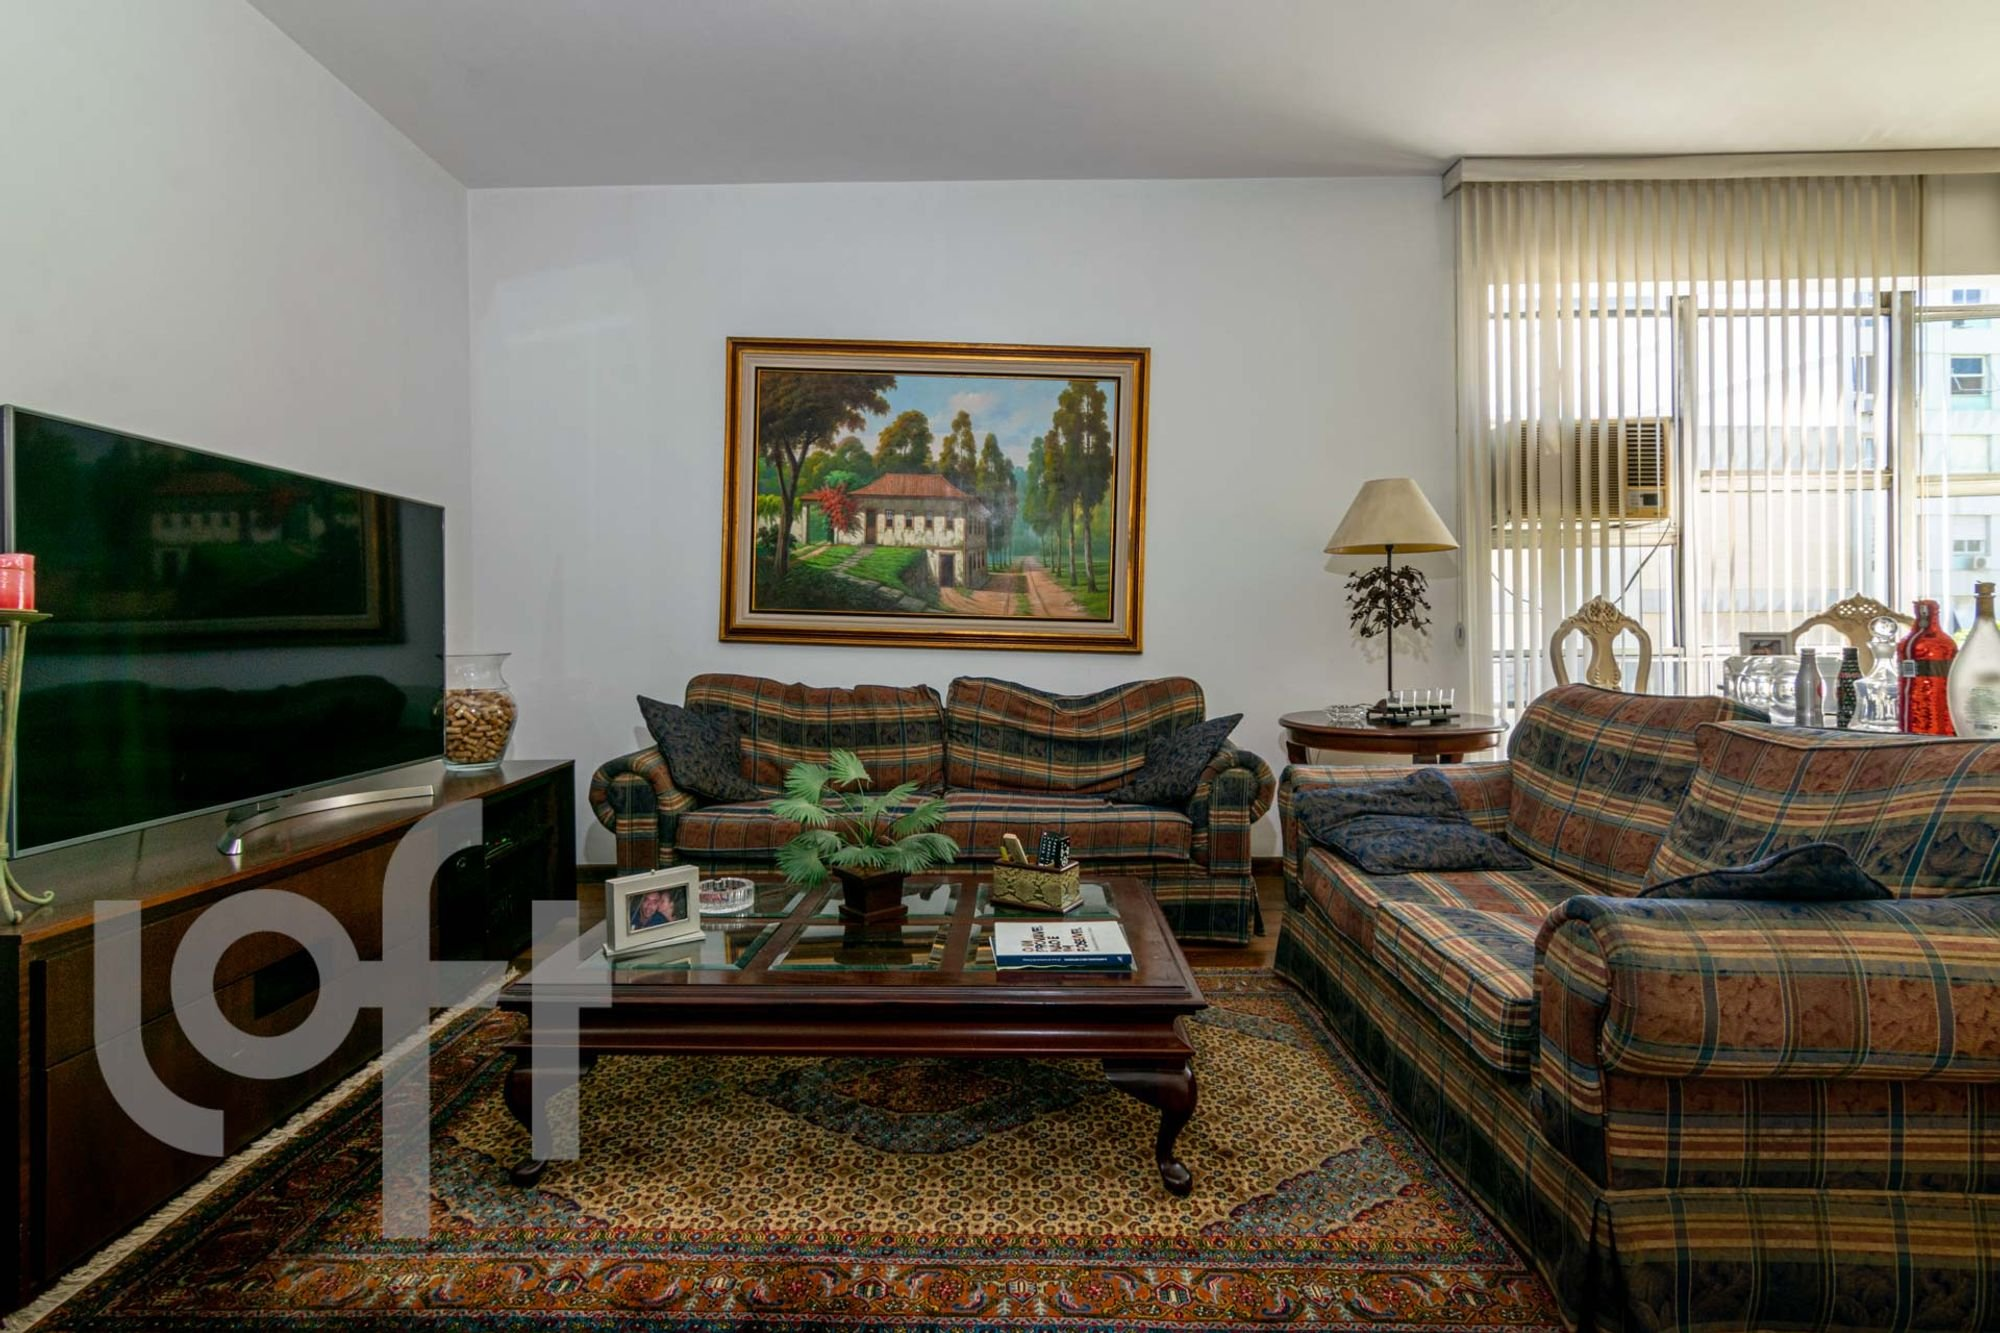 Foto de Sala com sofá, televisão, vaso, garrafa, livro